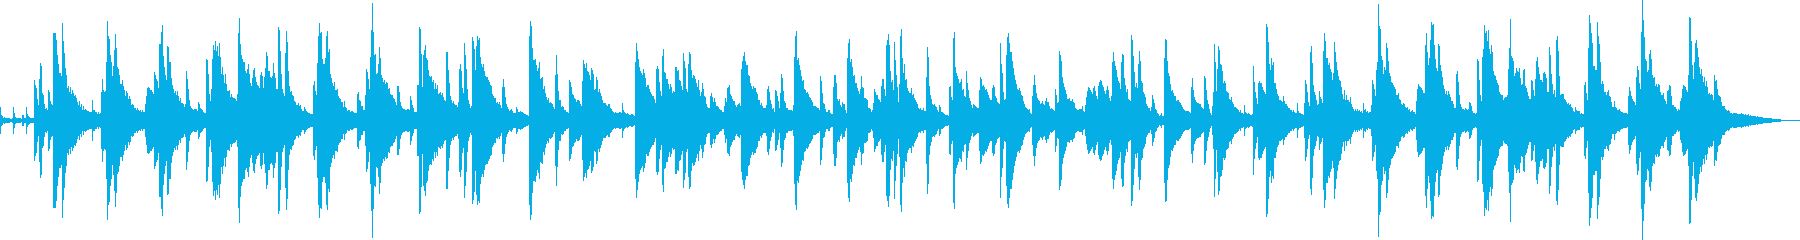 お洒落なジャズピアノトリオ7 バラードの再生済みの波形